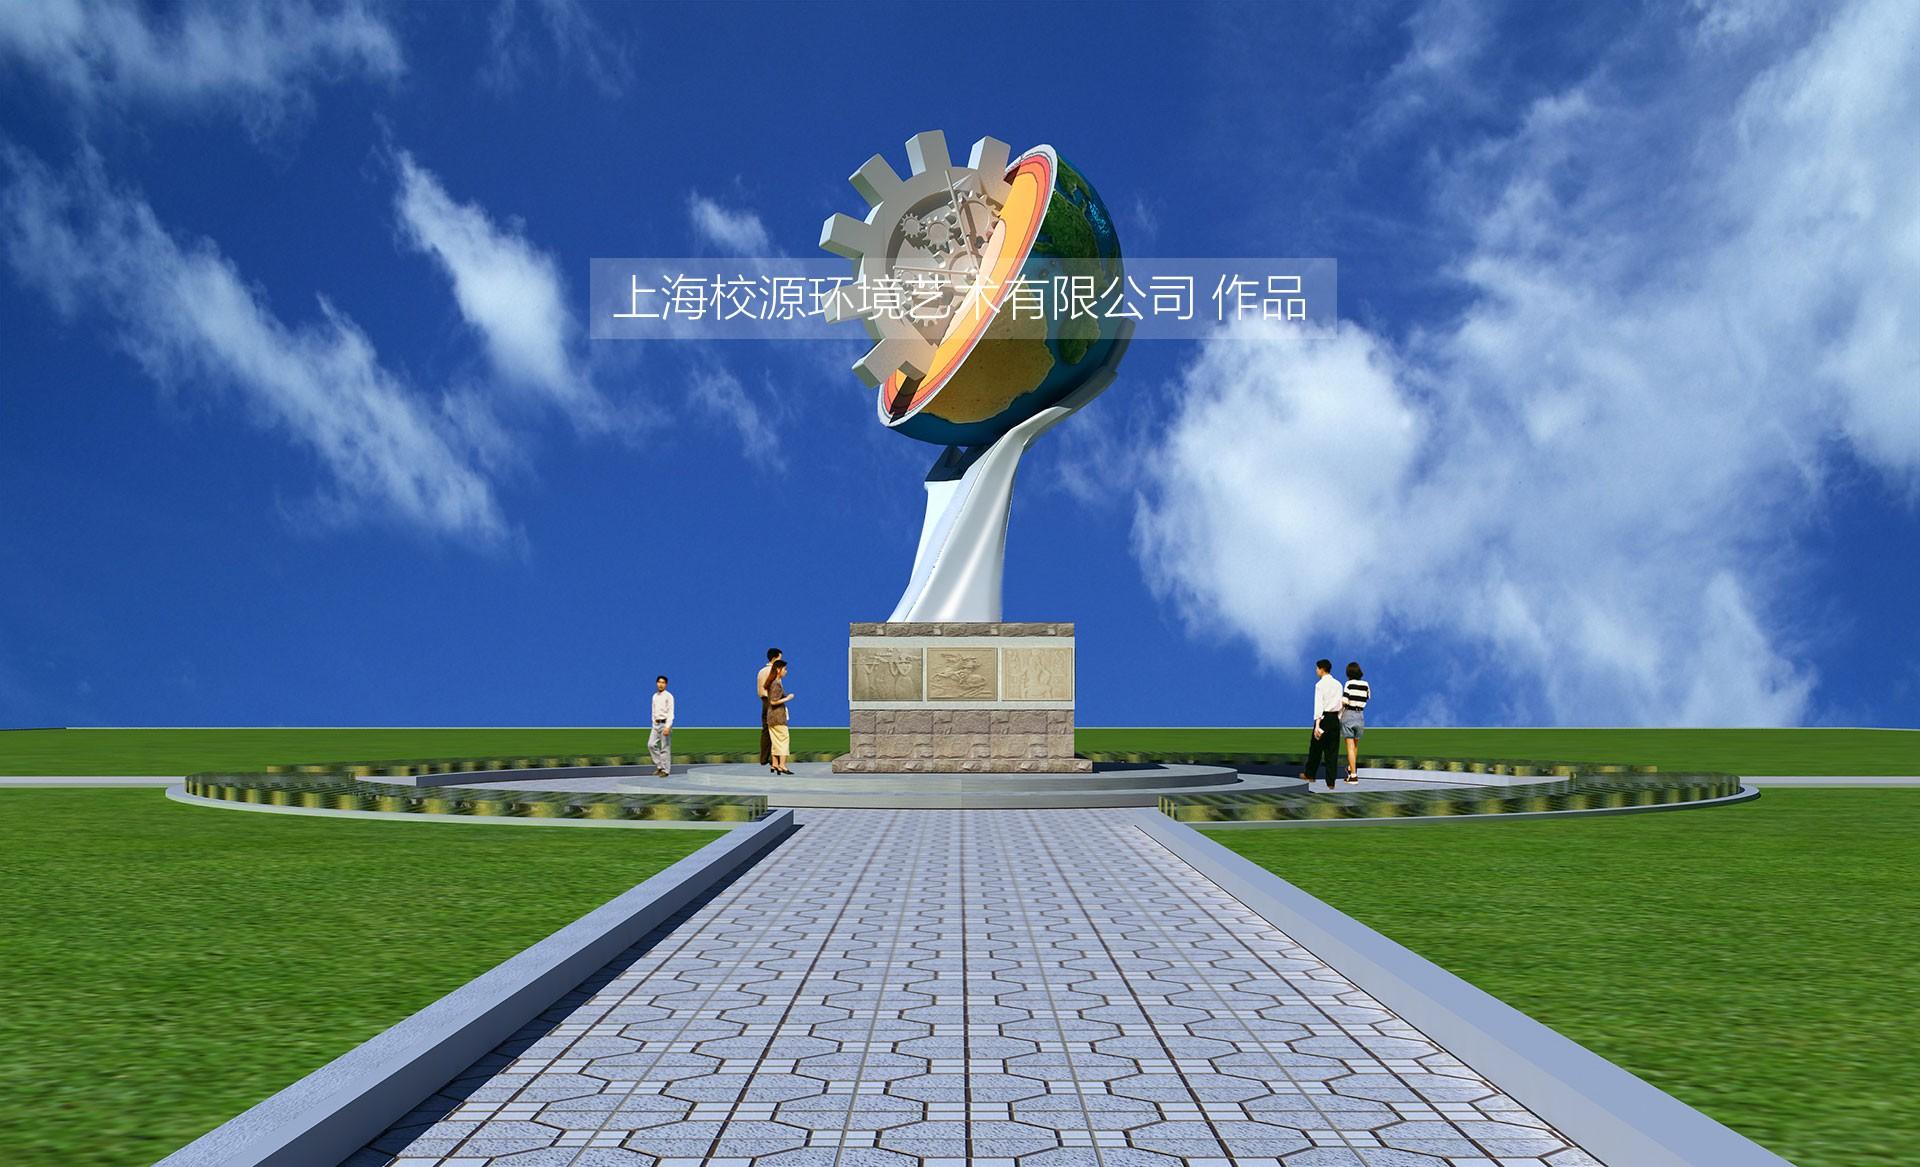 企业文化主题雕塑